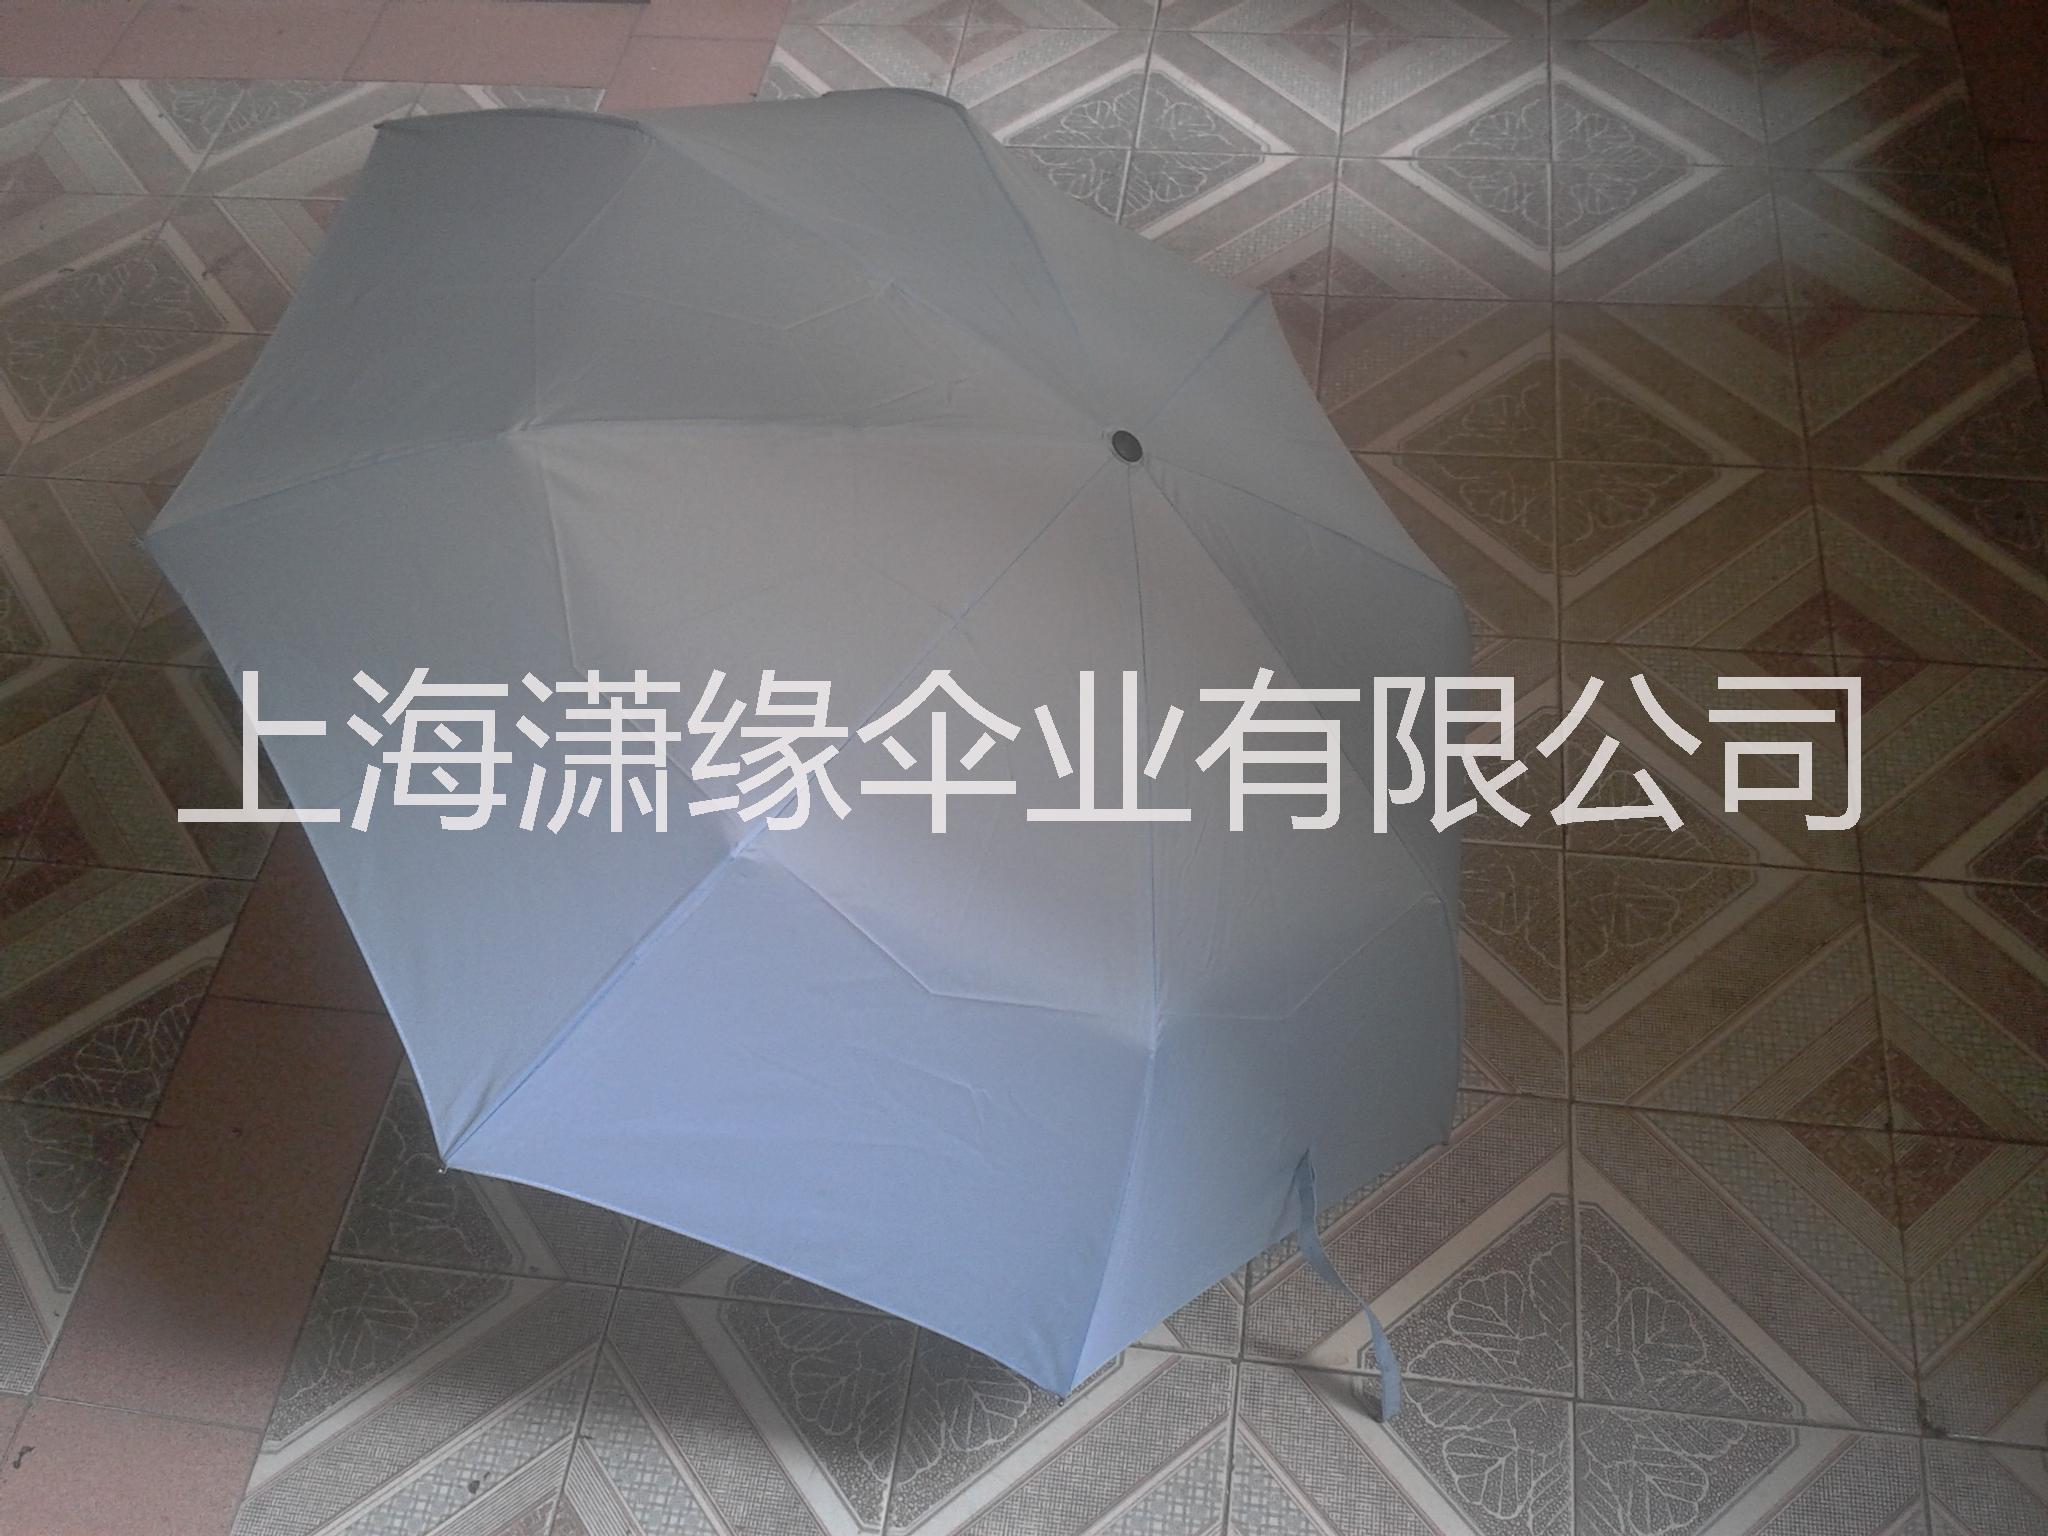 折叠伞定制、三折广告伞定做 三折广告雨伞订制厂家、上海三折伞加工厂